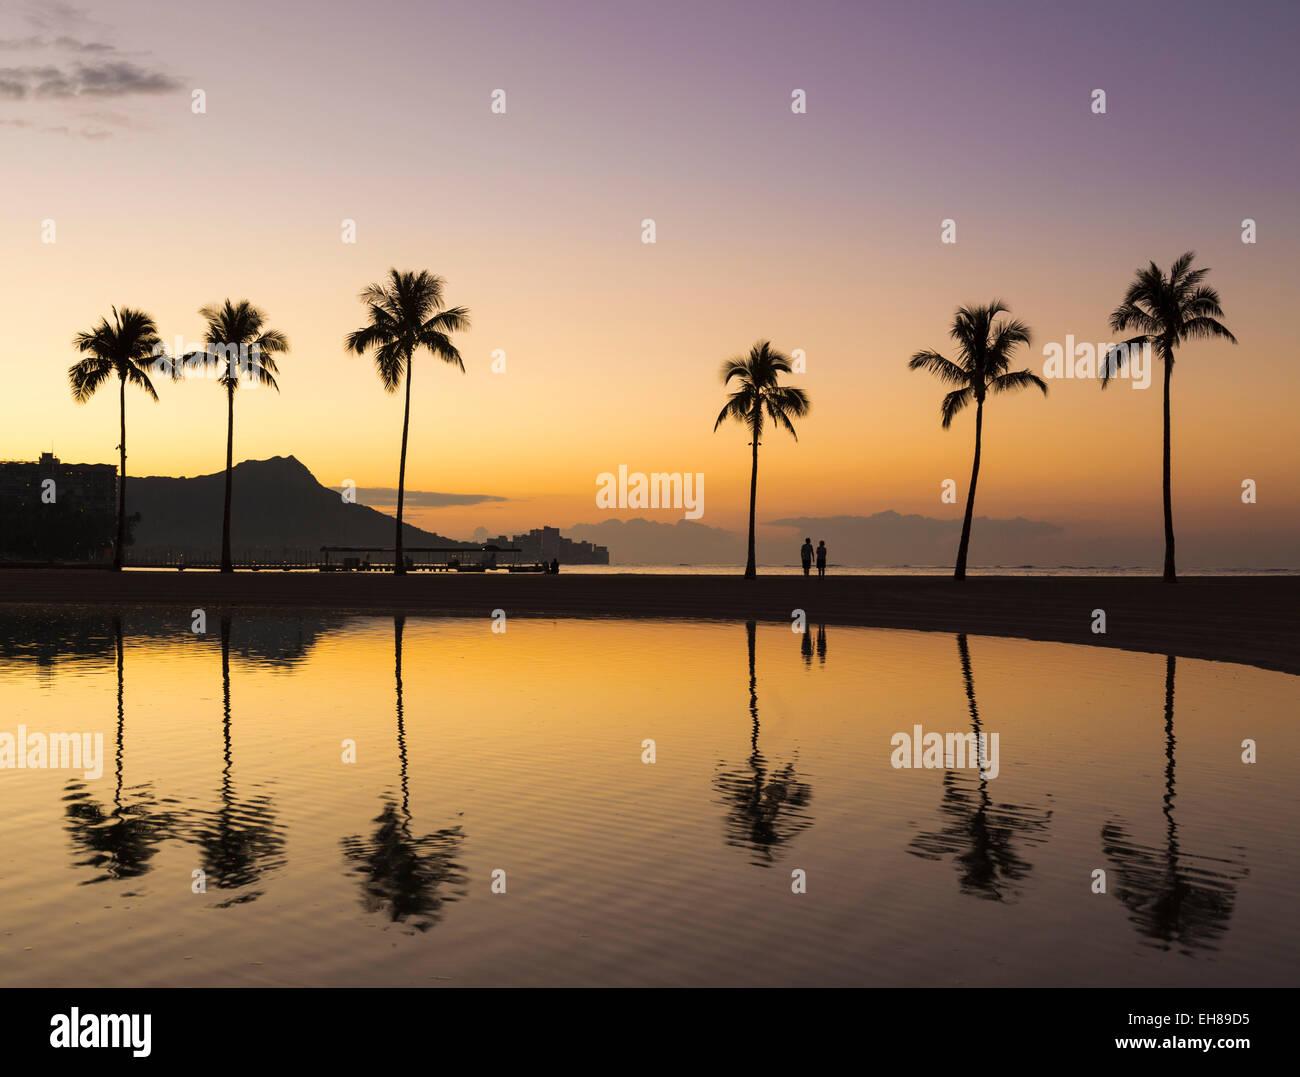 Waikiki beach, Hawaii - Stock Image